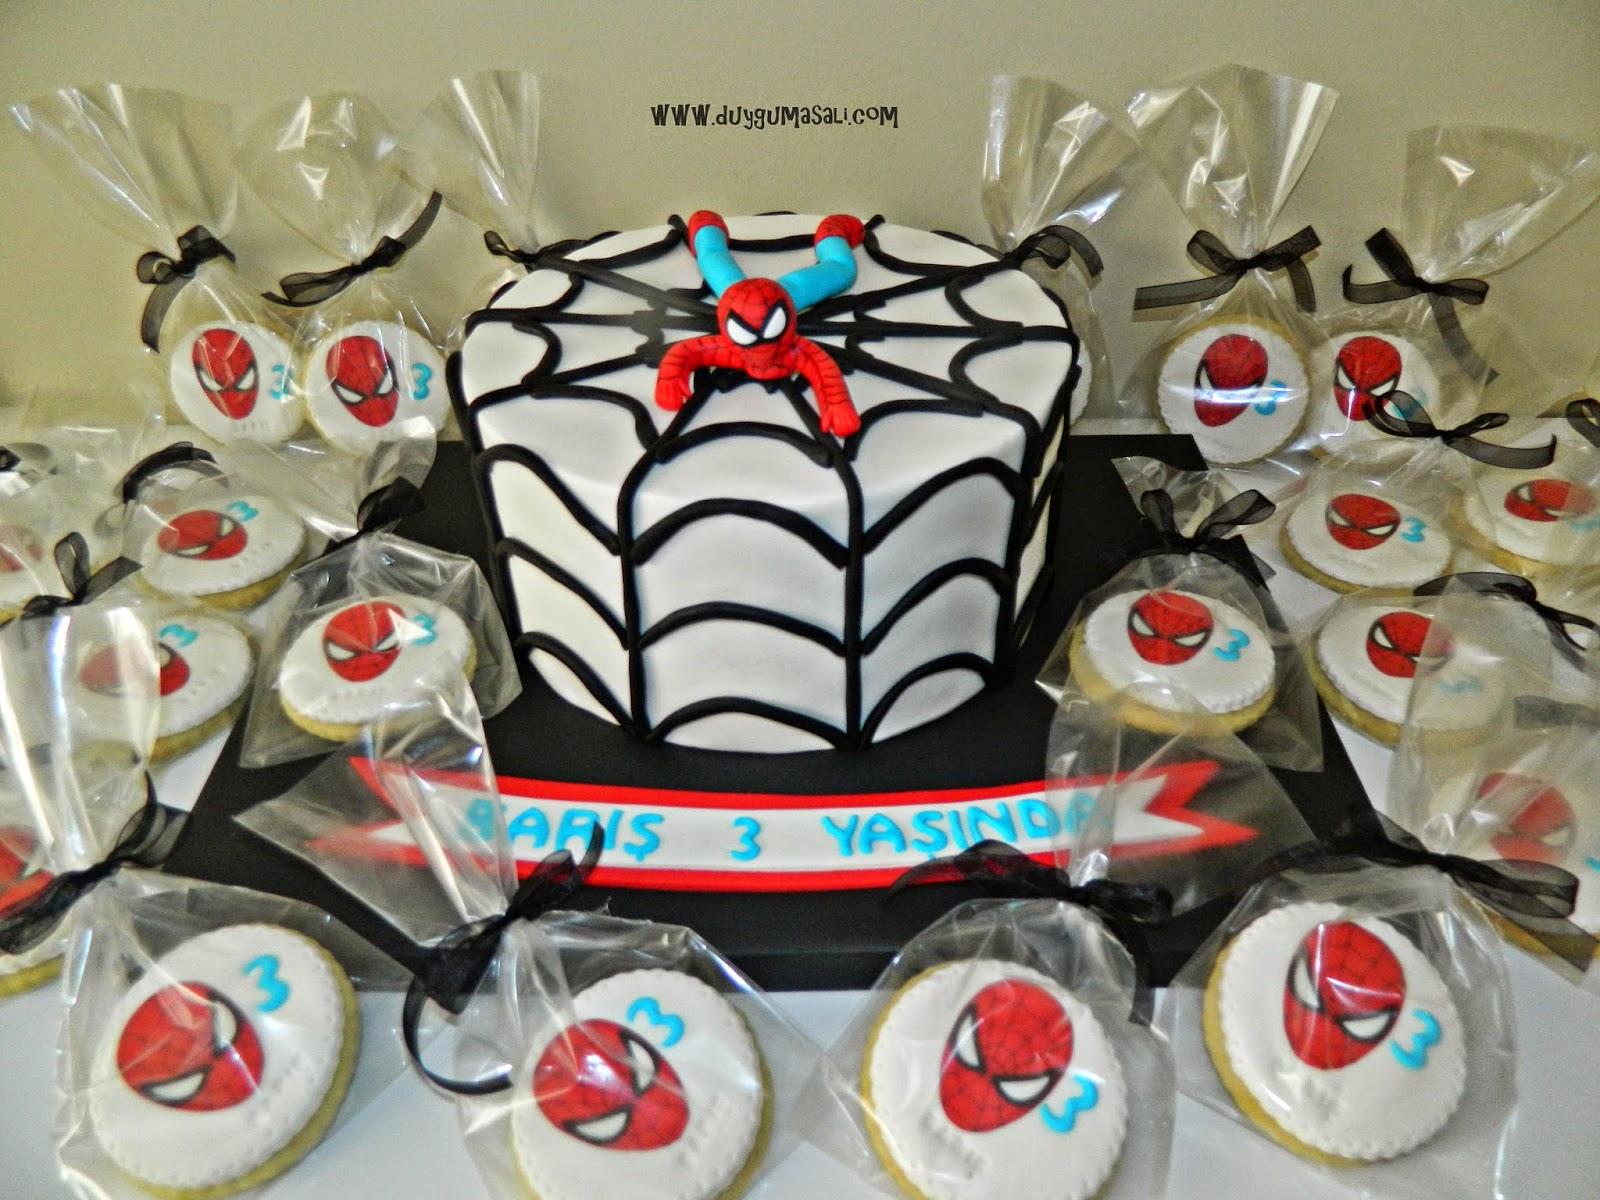 edirne örümcek adam doğum günü pasta